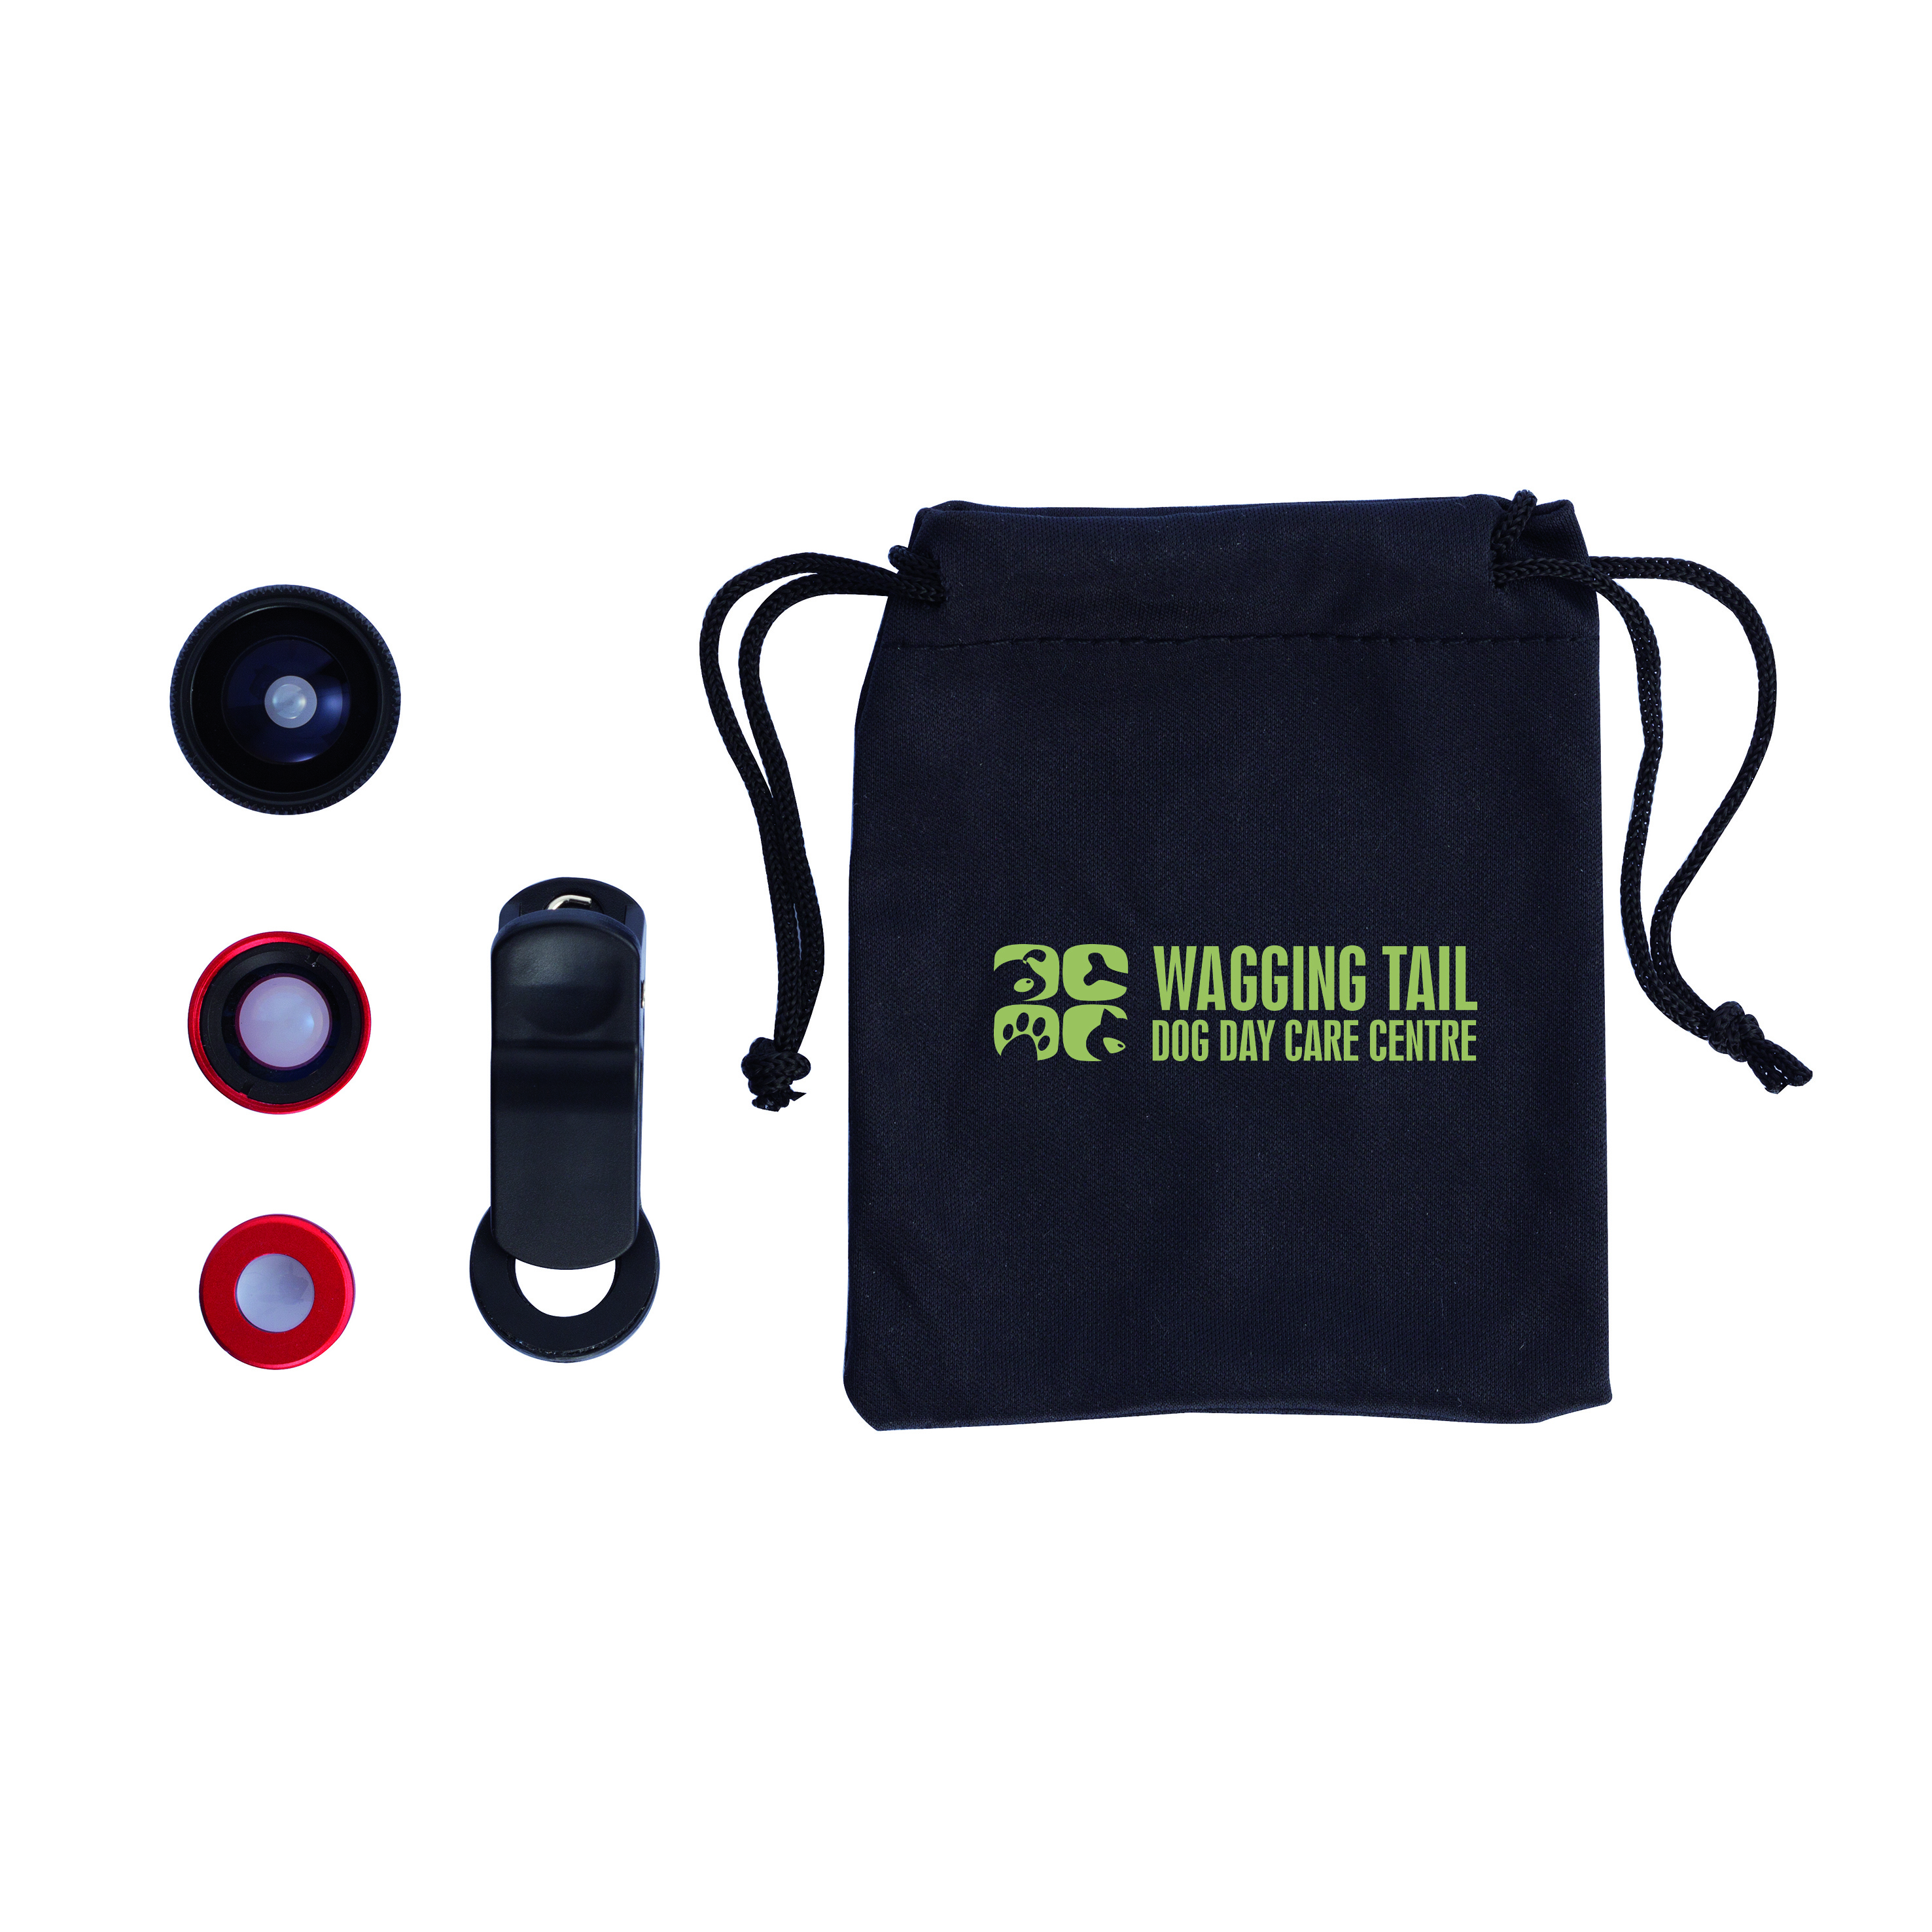 Accessoire publicitaire pour téléphone portable - Set 3 pièces pour caméra téléphone portable